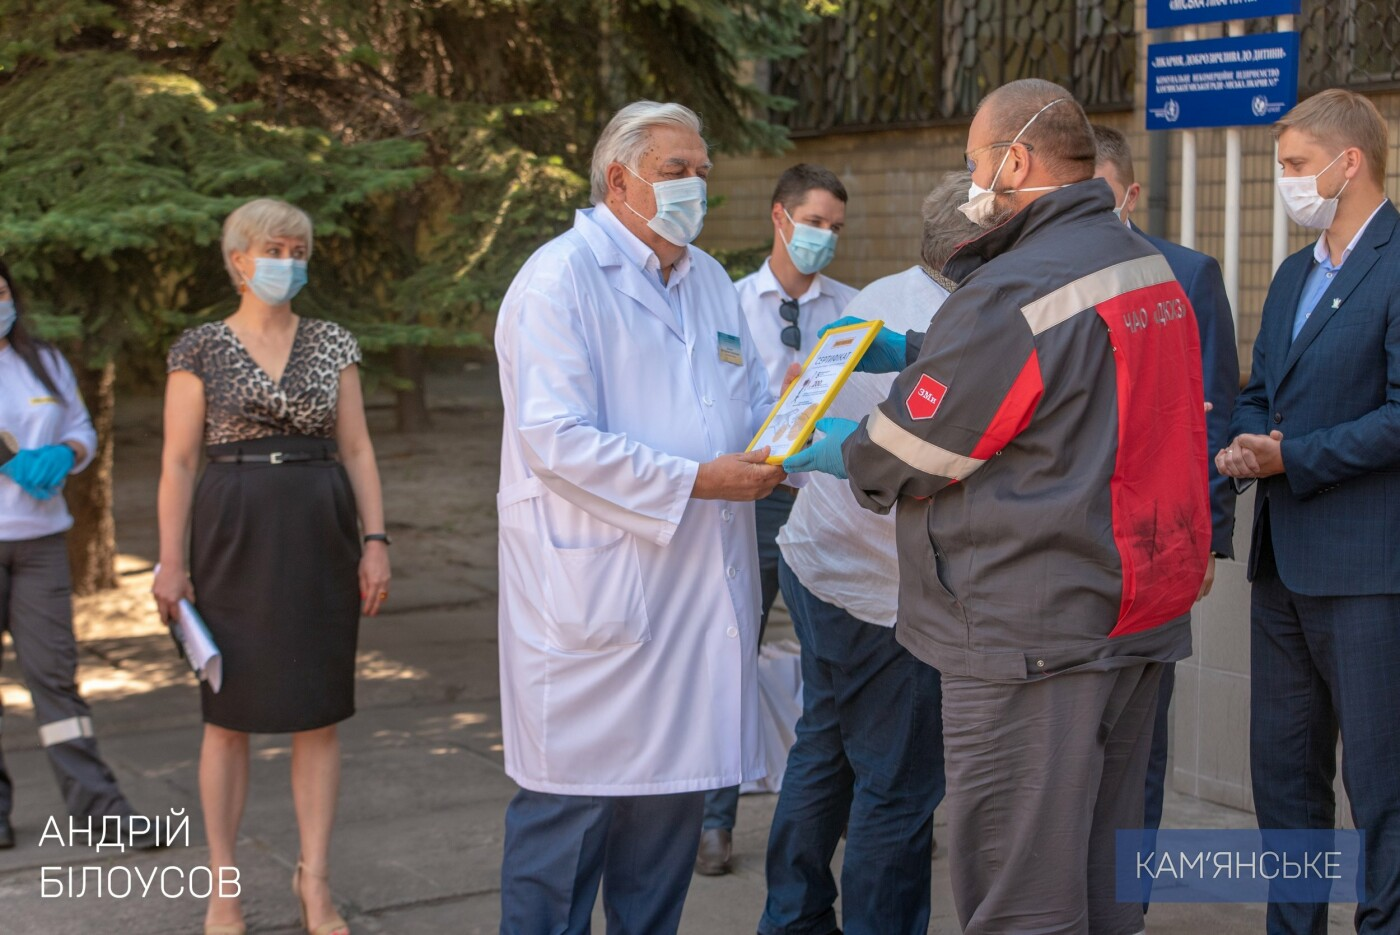 Кам'янська міська лікарня №7 отримала 6 апаратів ШВЛ, фото-2